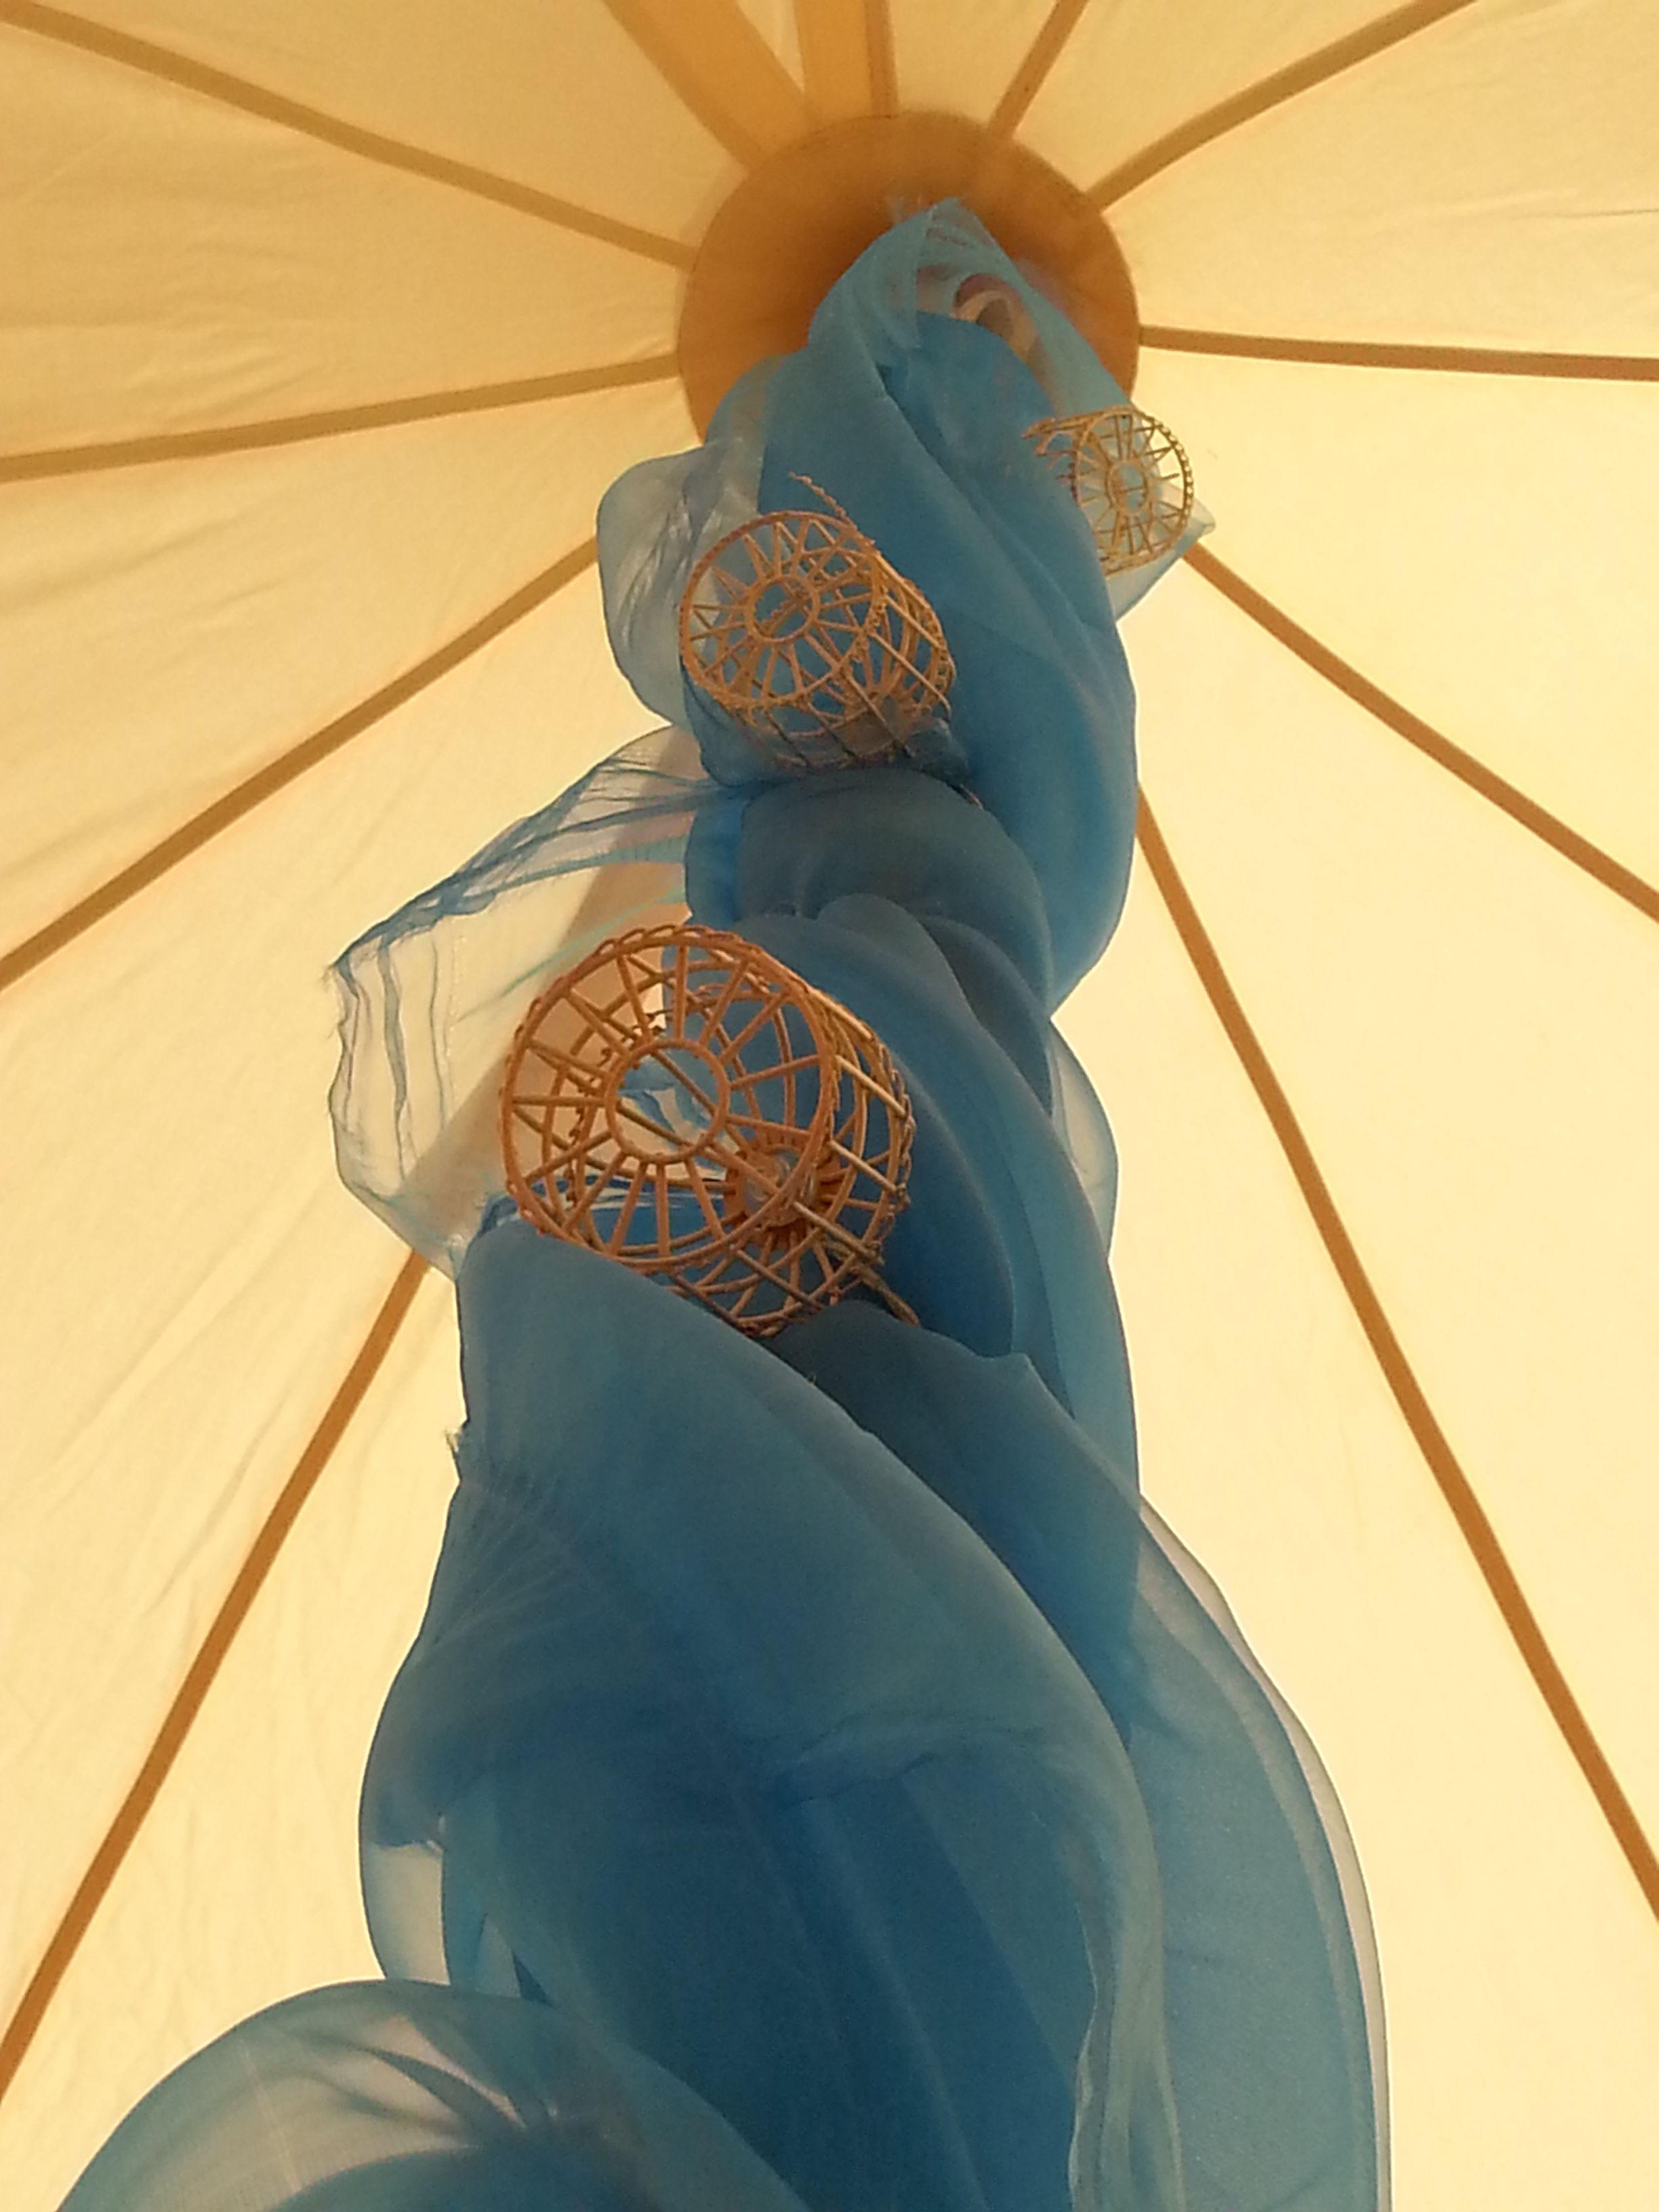 Bell Tent pole decoration & Bell Tent pole decoration | Large Tent Decor | Pinterest | Tent ...